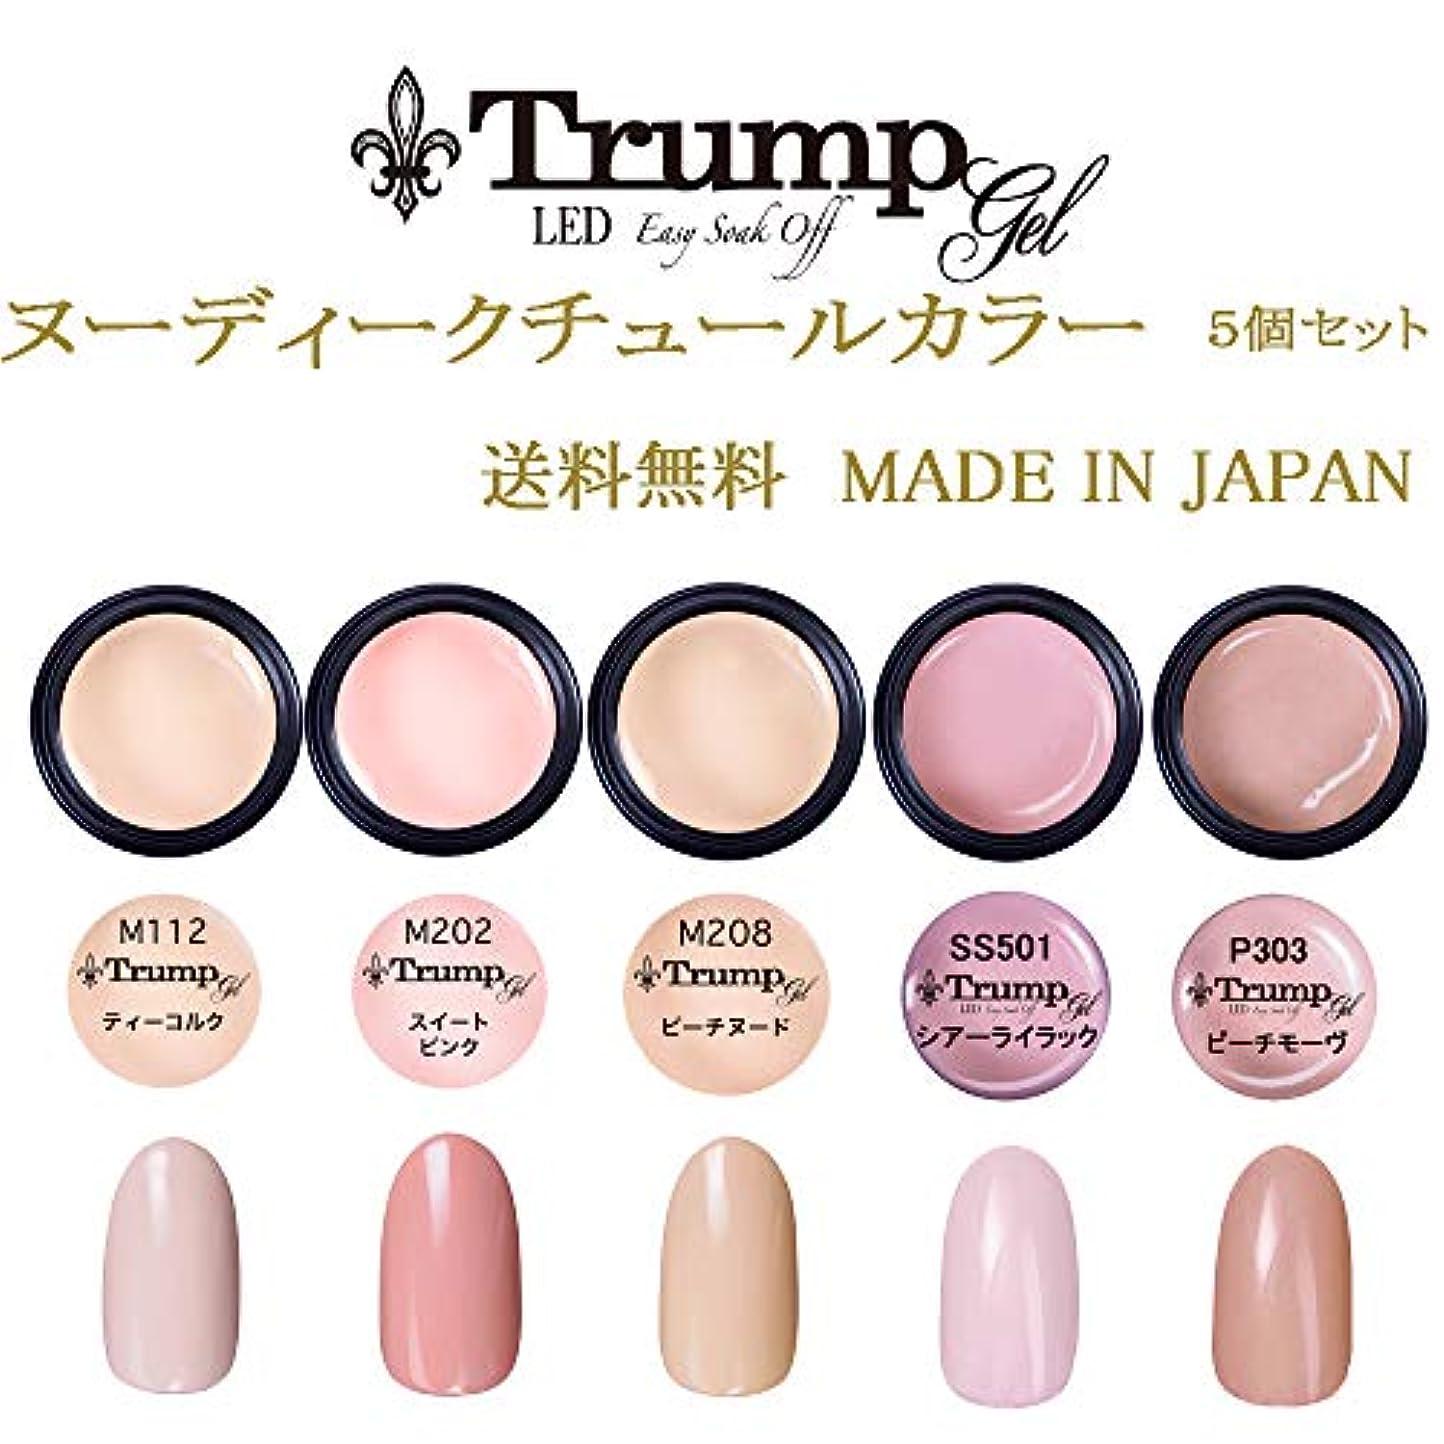 仲介者皮肉な原告【送料無料】日本製 Trump gel トランプジェルヌーディクチュールカラージェル 5個セット肌馴染みの良い ヌーデイクチュールカラージェルセット